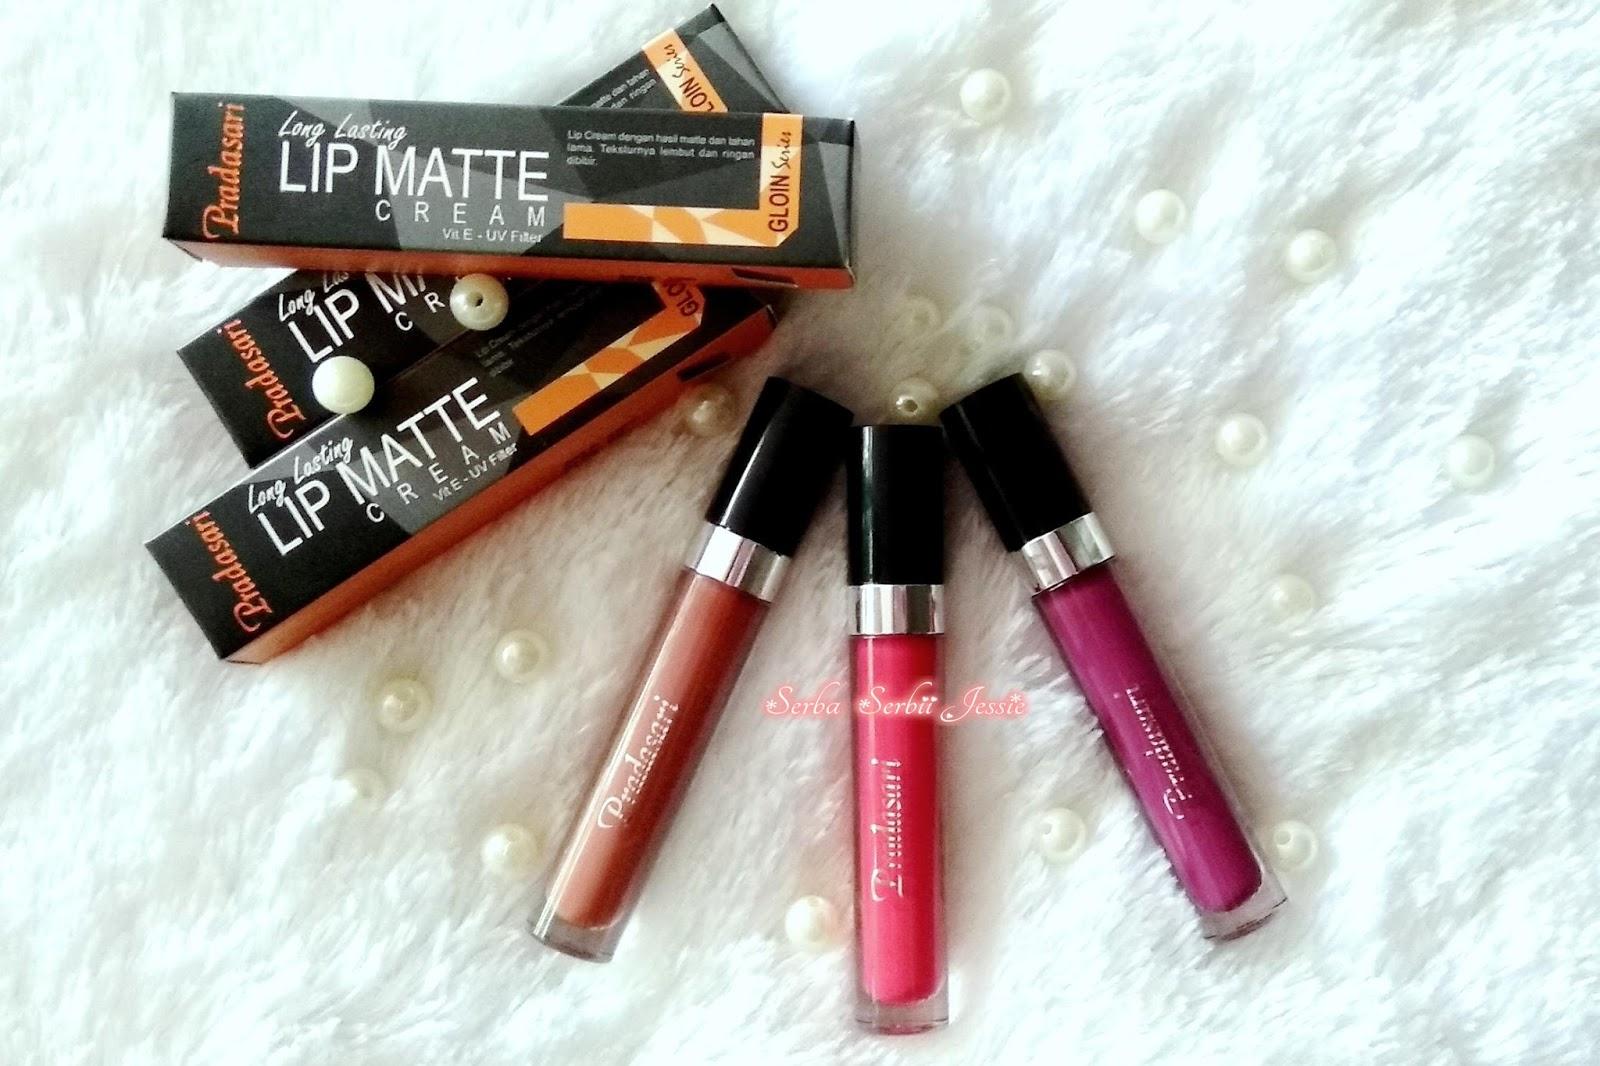 [Review and Swatch] Pradasari Long Lasting Lip Matte Cream